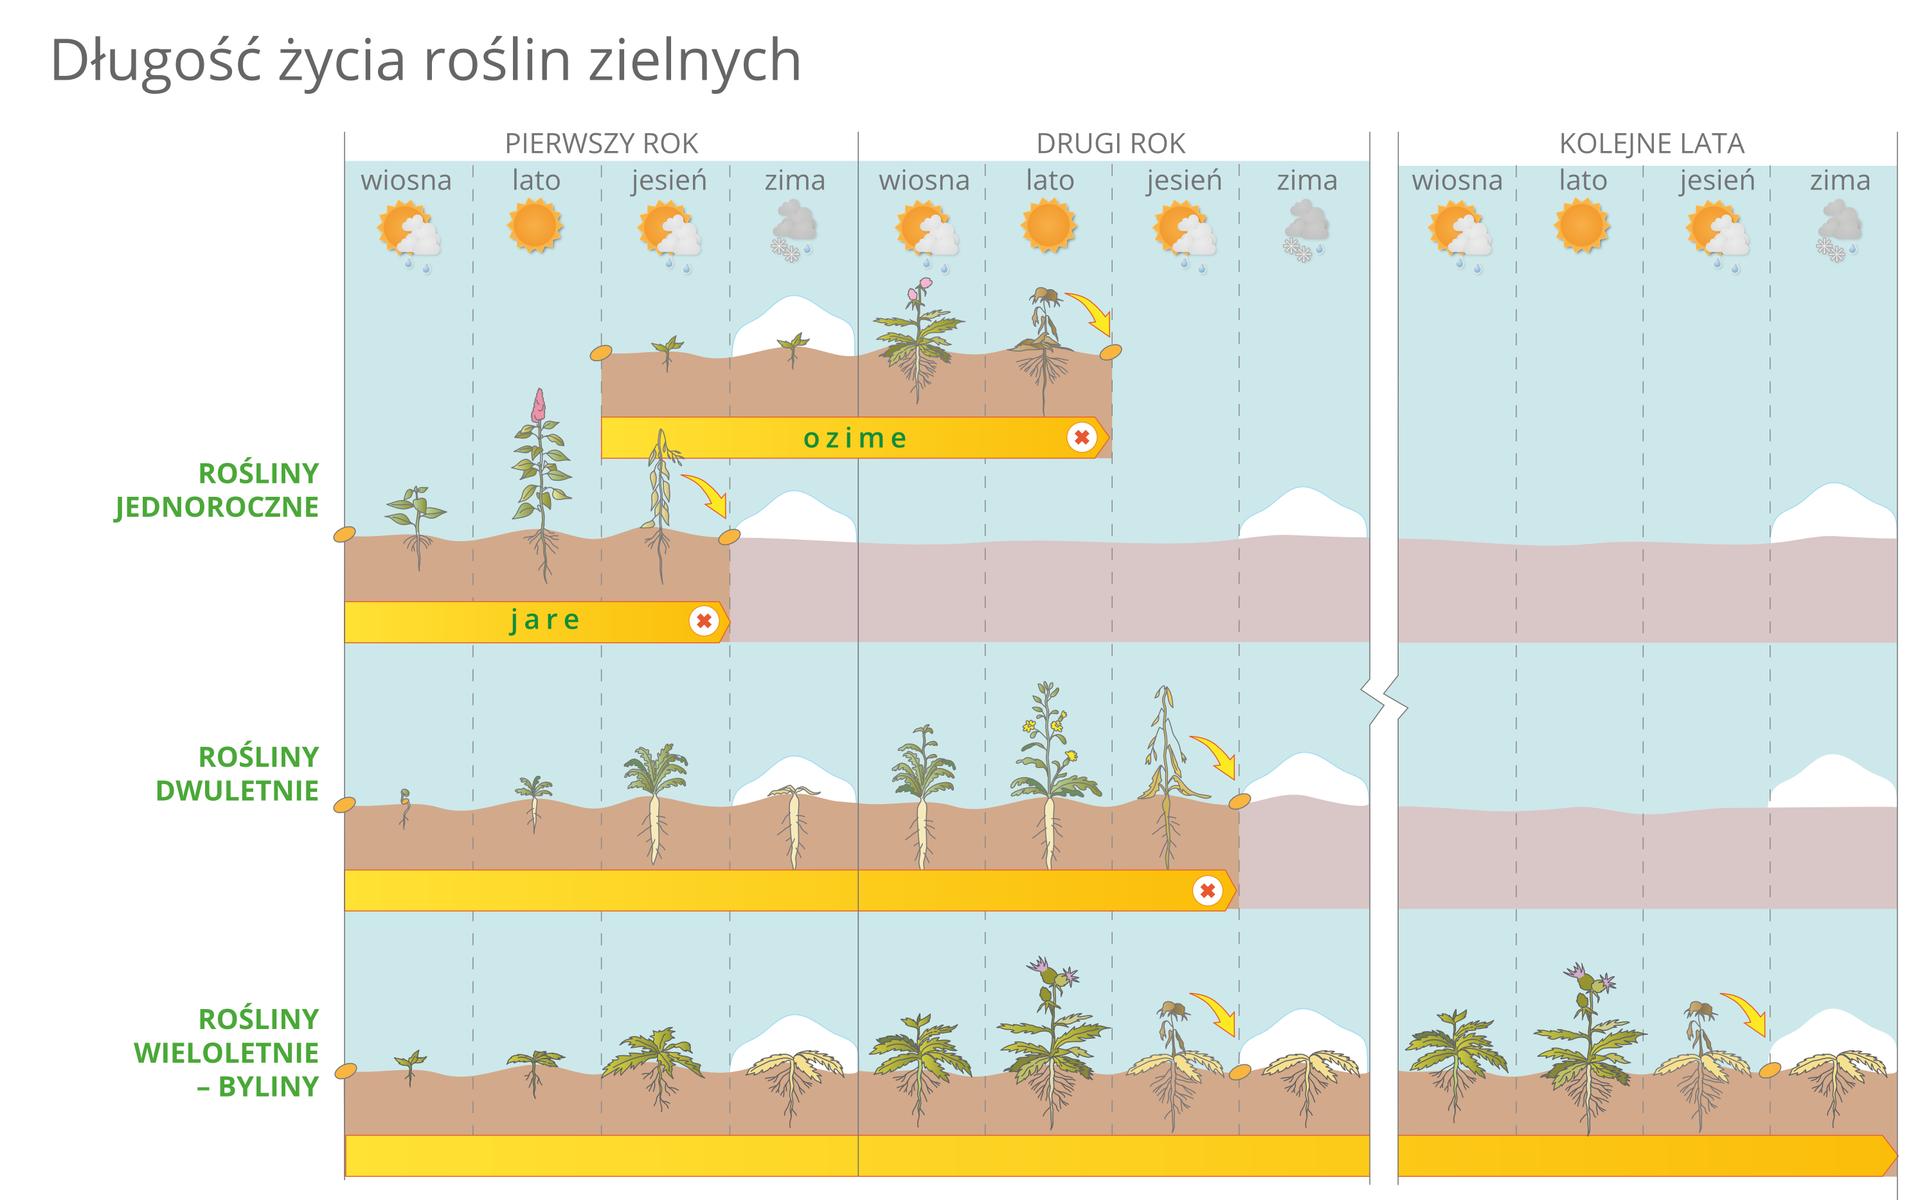 Ilustracja przedstawia różną długość życia roślin zielnych wformie kolorowego diagramu. Wbłękitnych kolumnach ugóry symbolizowane są pory roku wkolejnych latach. Brązowo – pomarańczowe paski oznaczają cykl życiowy roślin, dłuższy lub krótszy. Zlewej od góry na zielono podpisano najpierw rośliny jednoroczne, które na diagramie mają dwa warianty: ozime ijare. Niżej znajduje się pasek roślin dwuletnich. Najniżej przedstawiono cykl życiowy roślin wieloletnich (bylin).